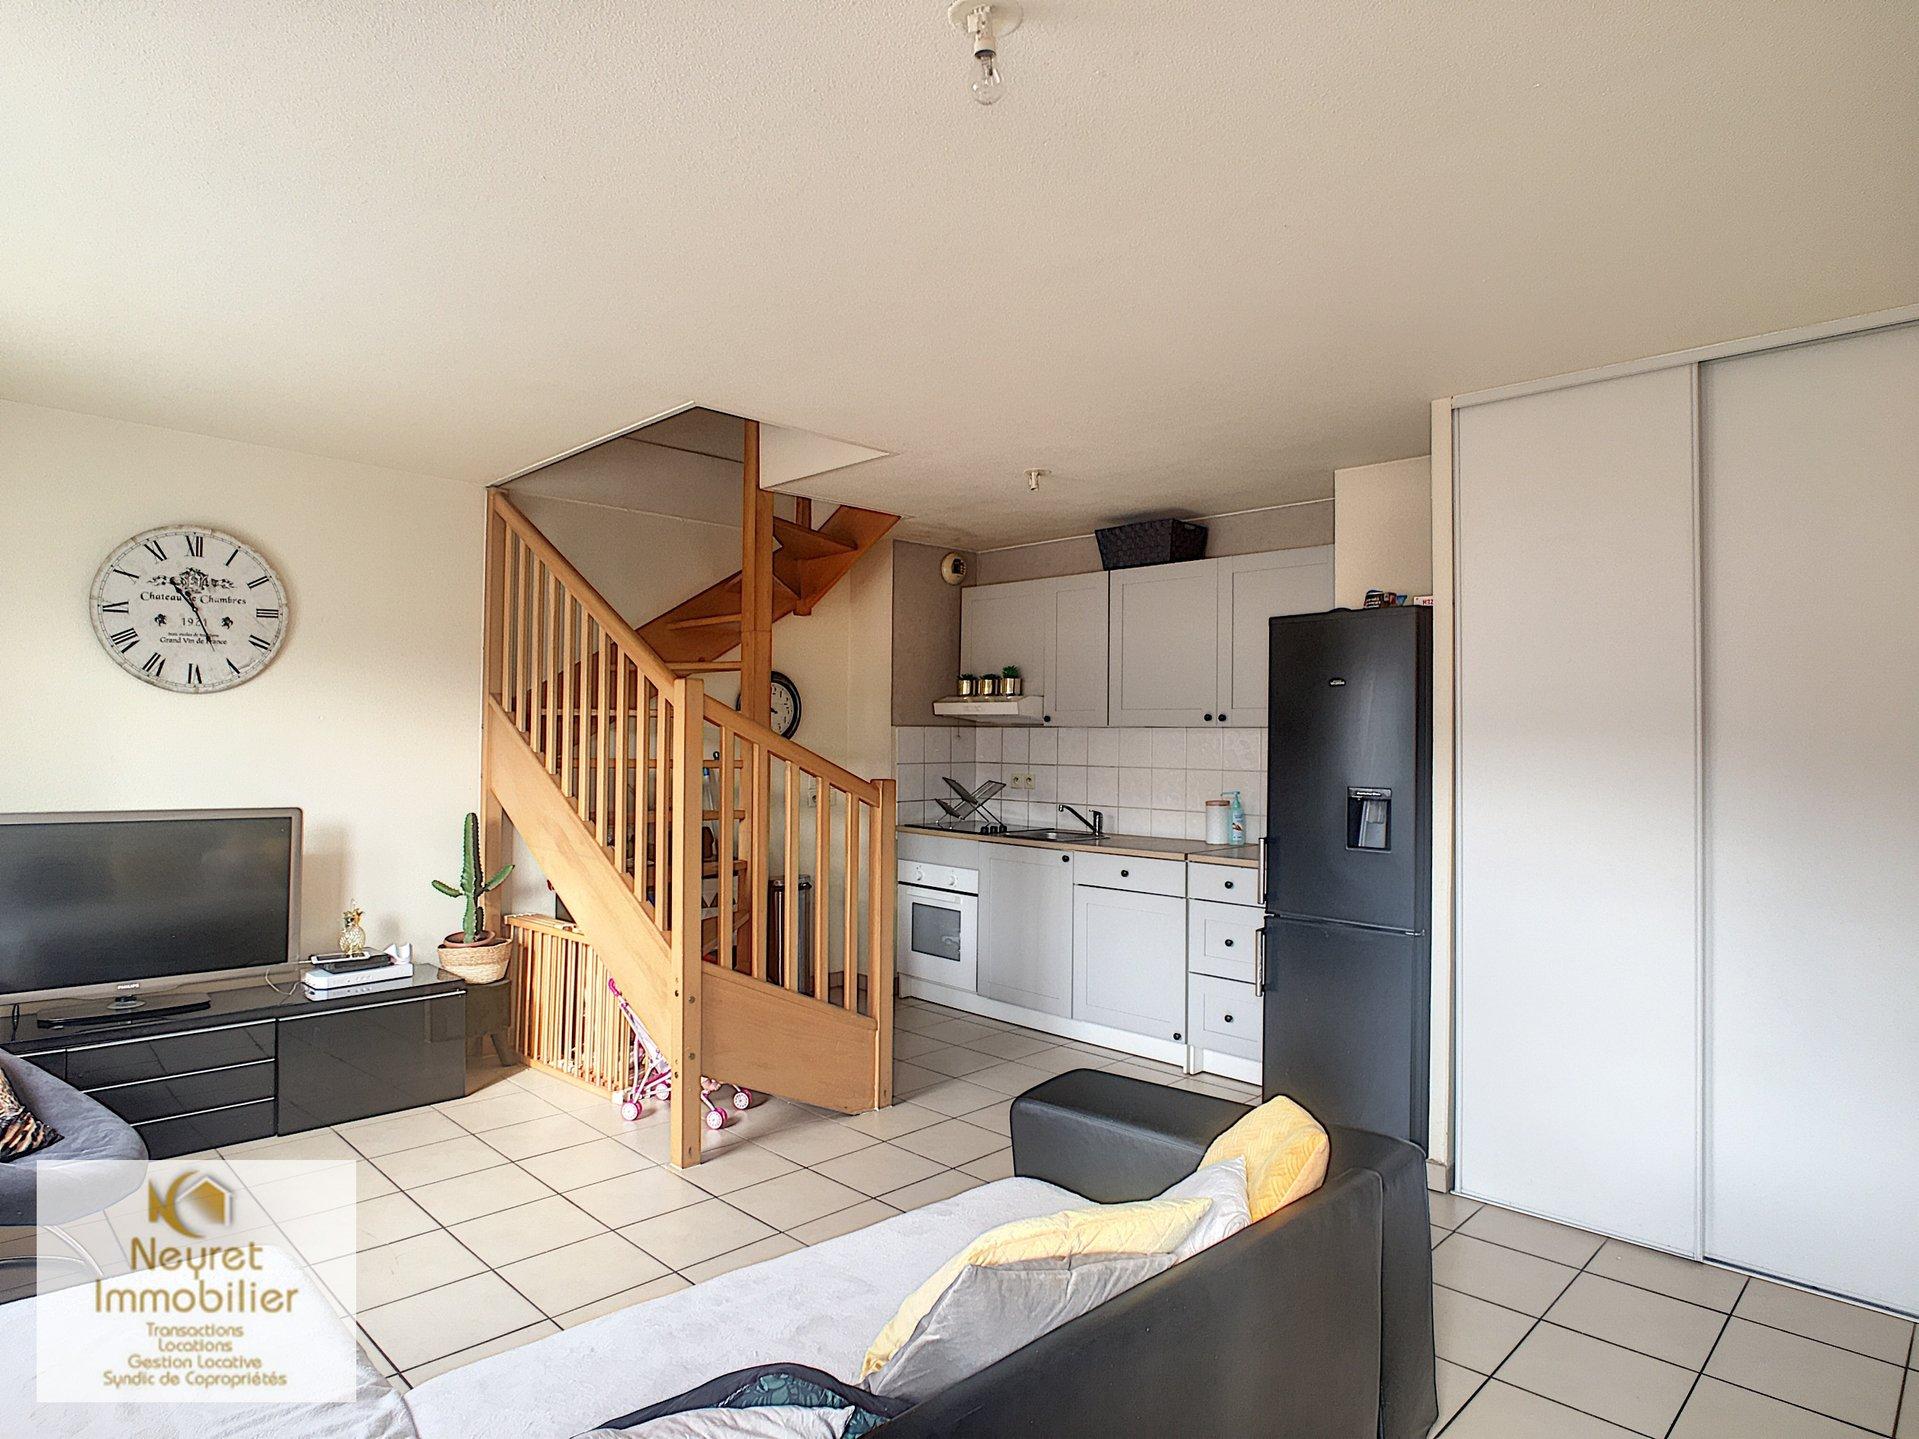 Vente Appartement - Saint-Étienne Bellevue Solaure